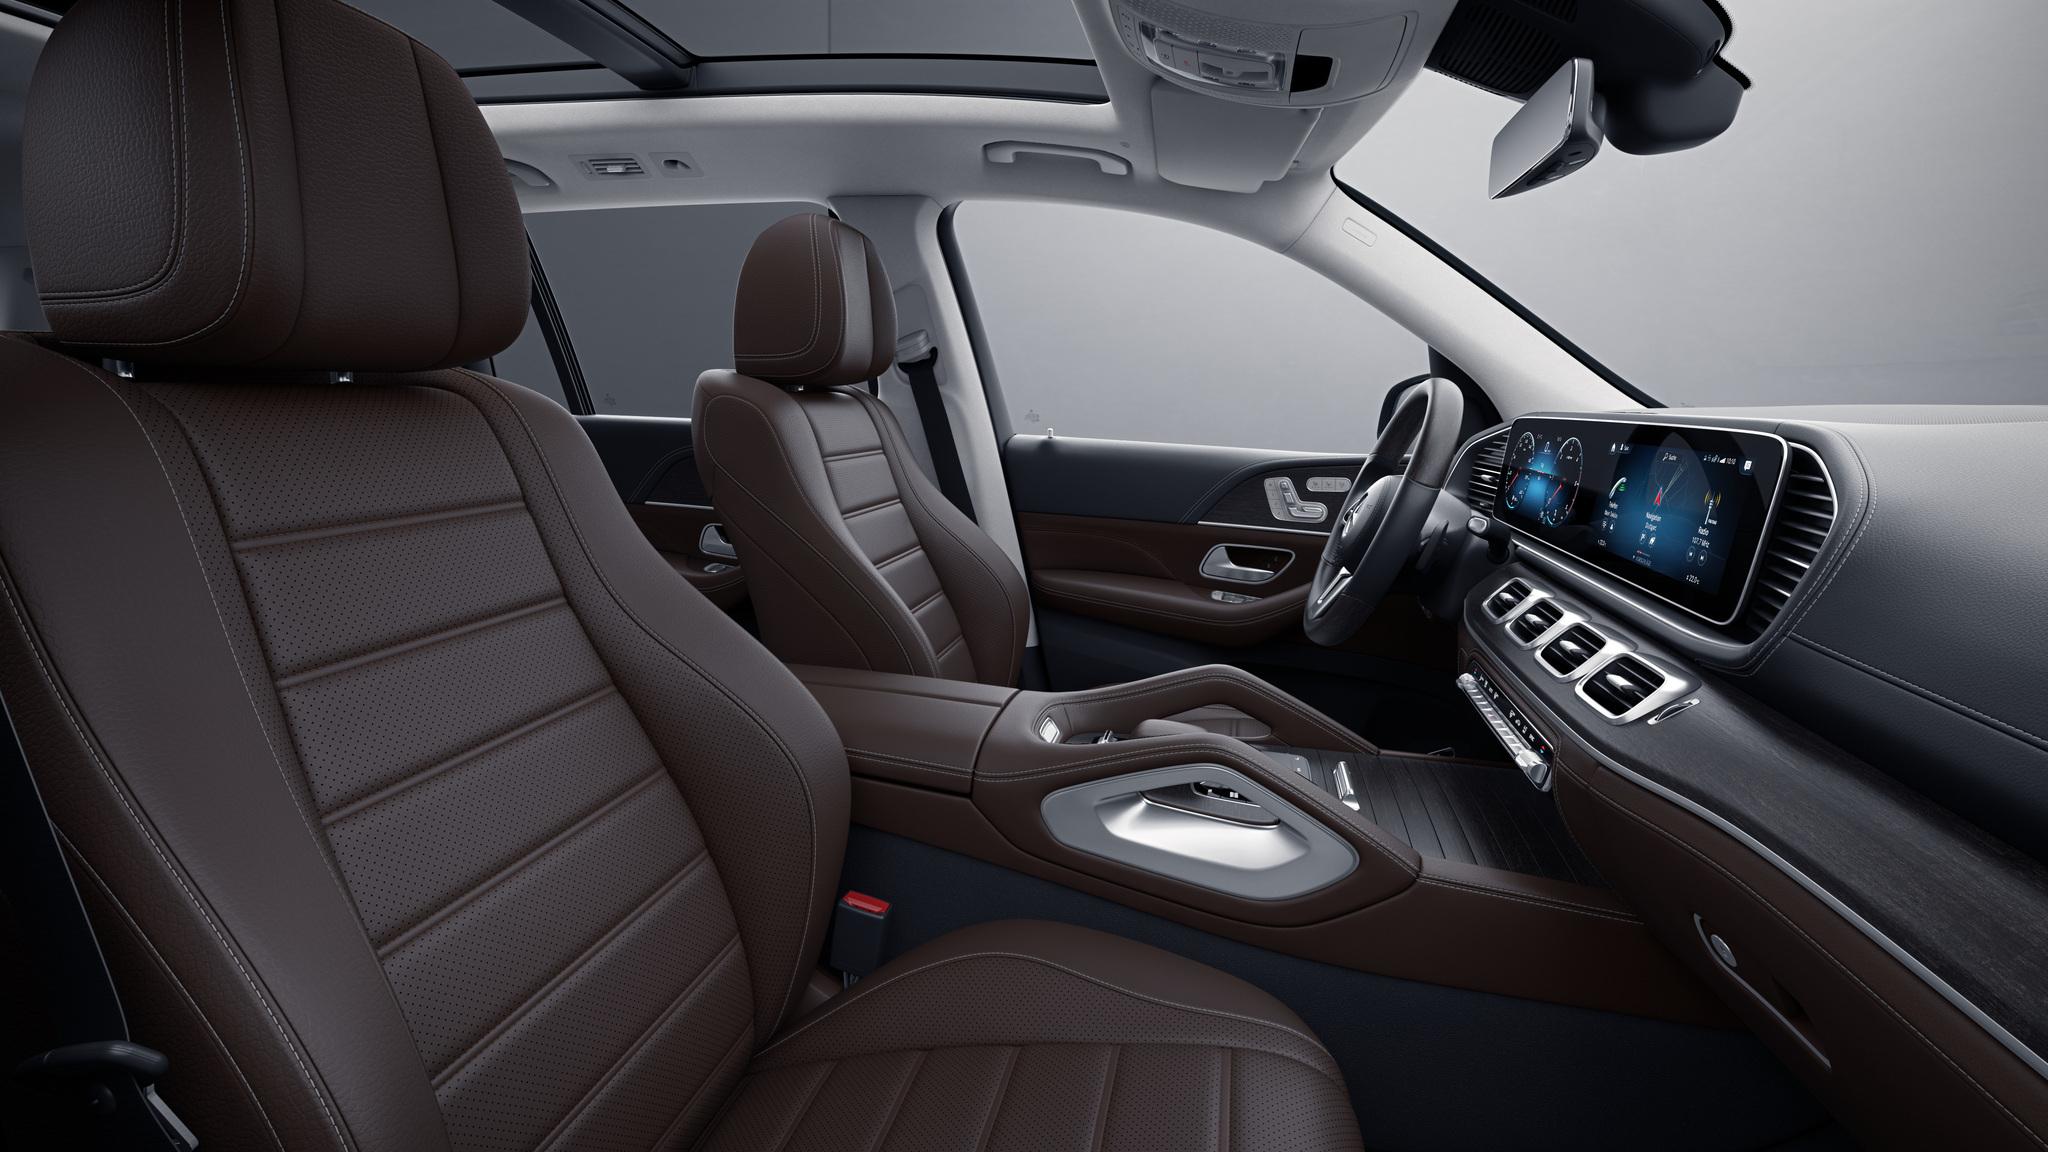 Habitacle de la Mercedes GLS avec une Sellerie cuir Rough cuir - marron expresso noir